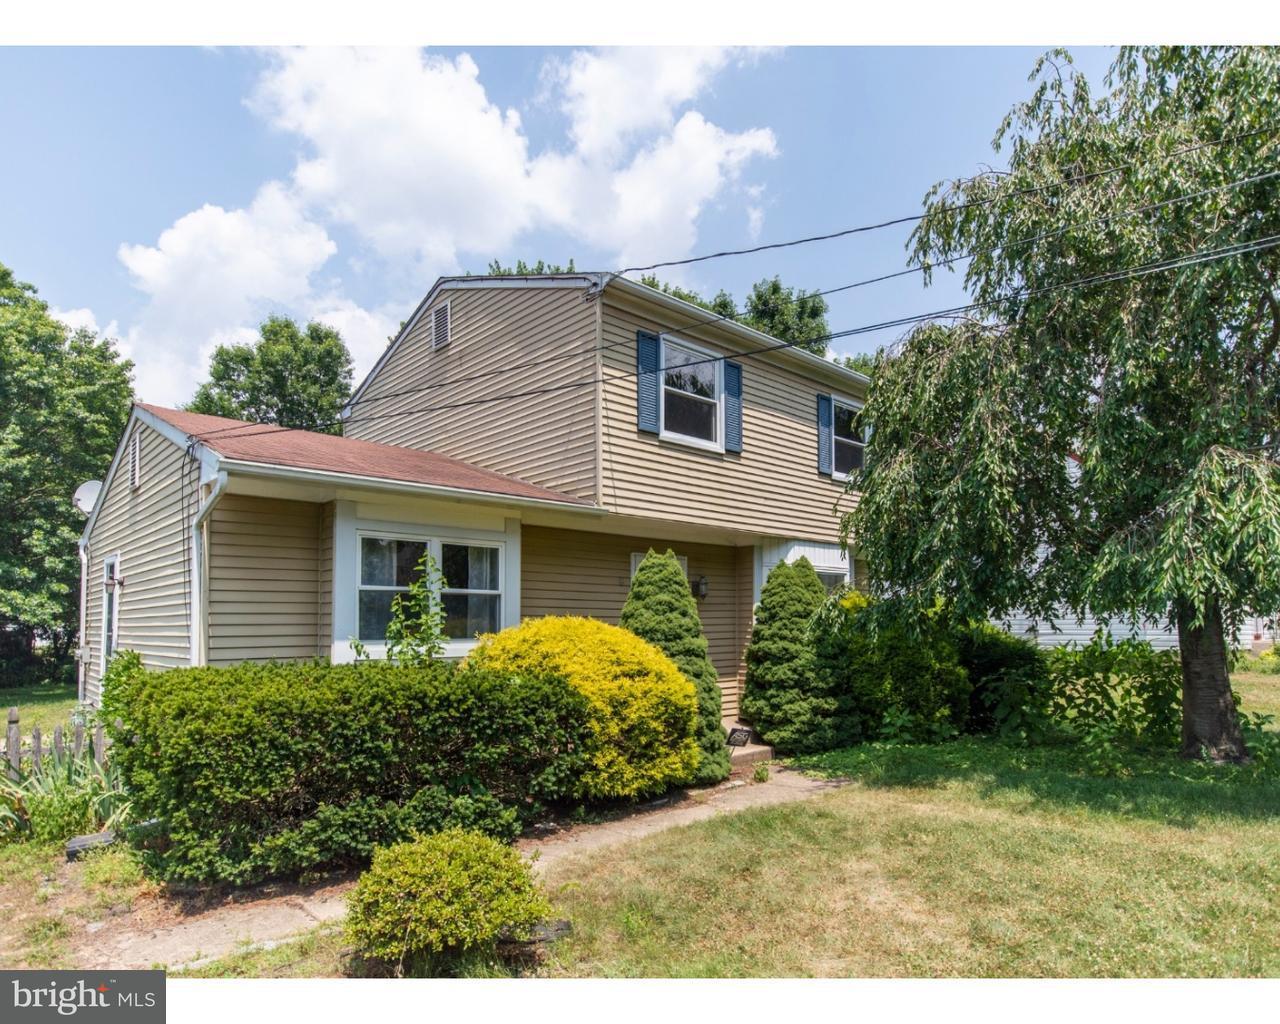 Частный односемейный дом для того Продажа на 12 HOFFMAN Avenue Camden, Нью-Джерси 08003 Соединенные Штаты